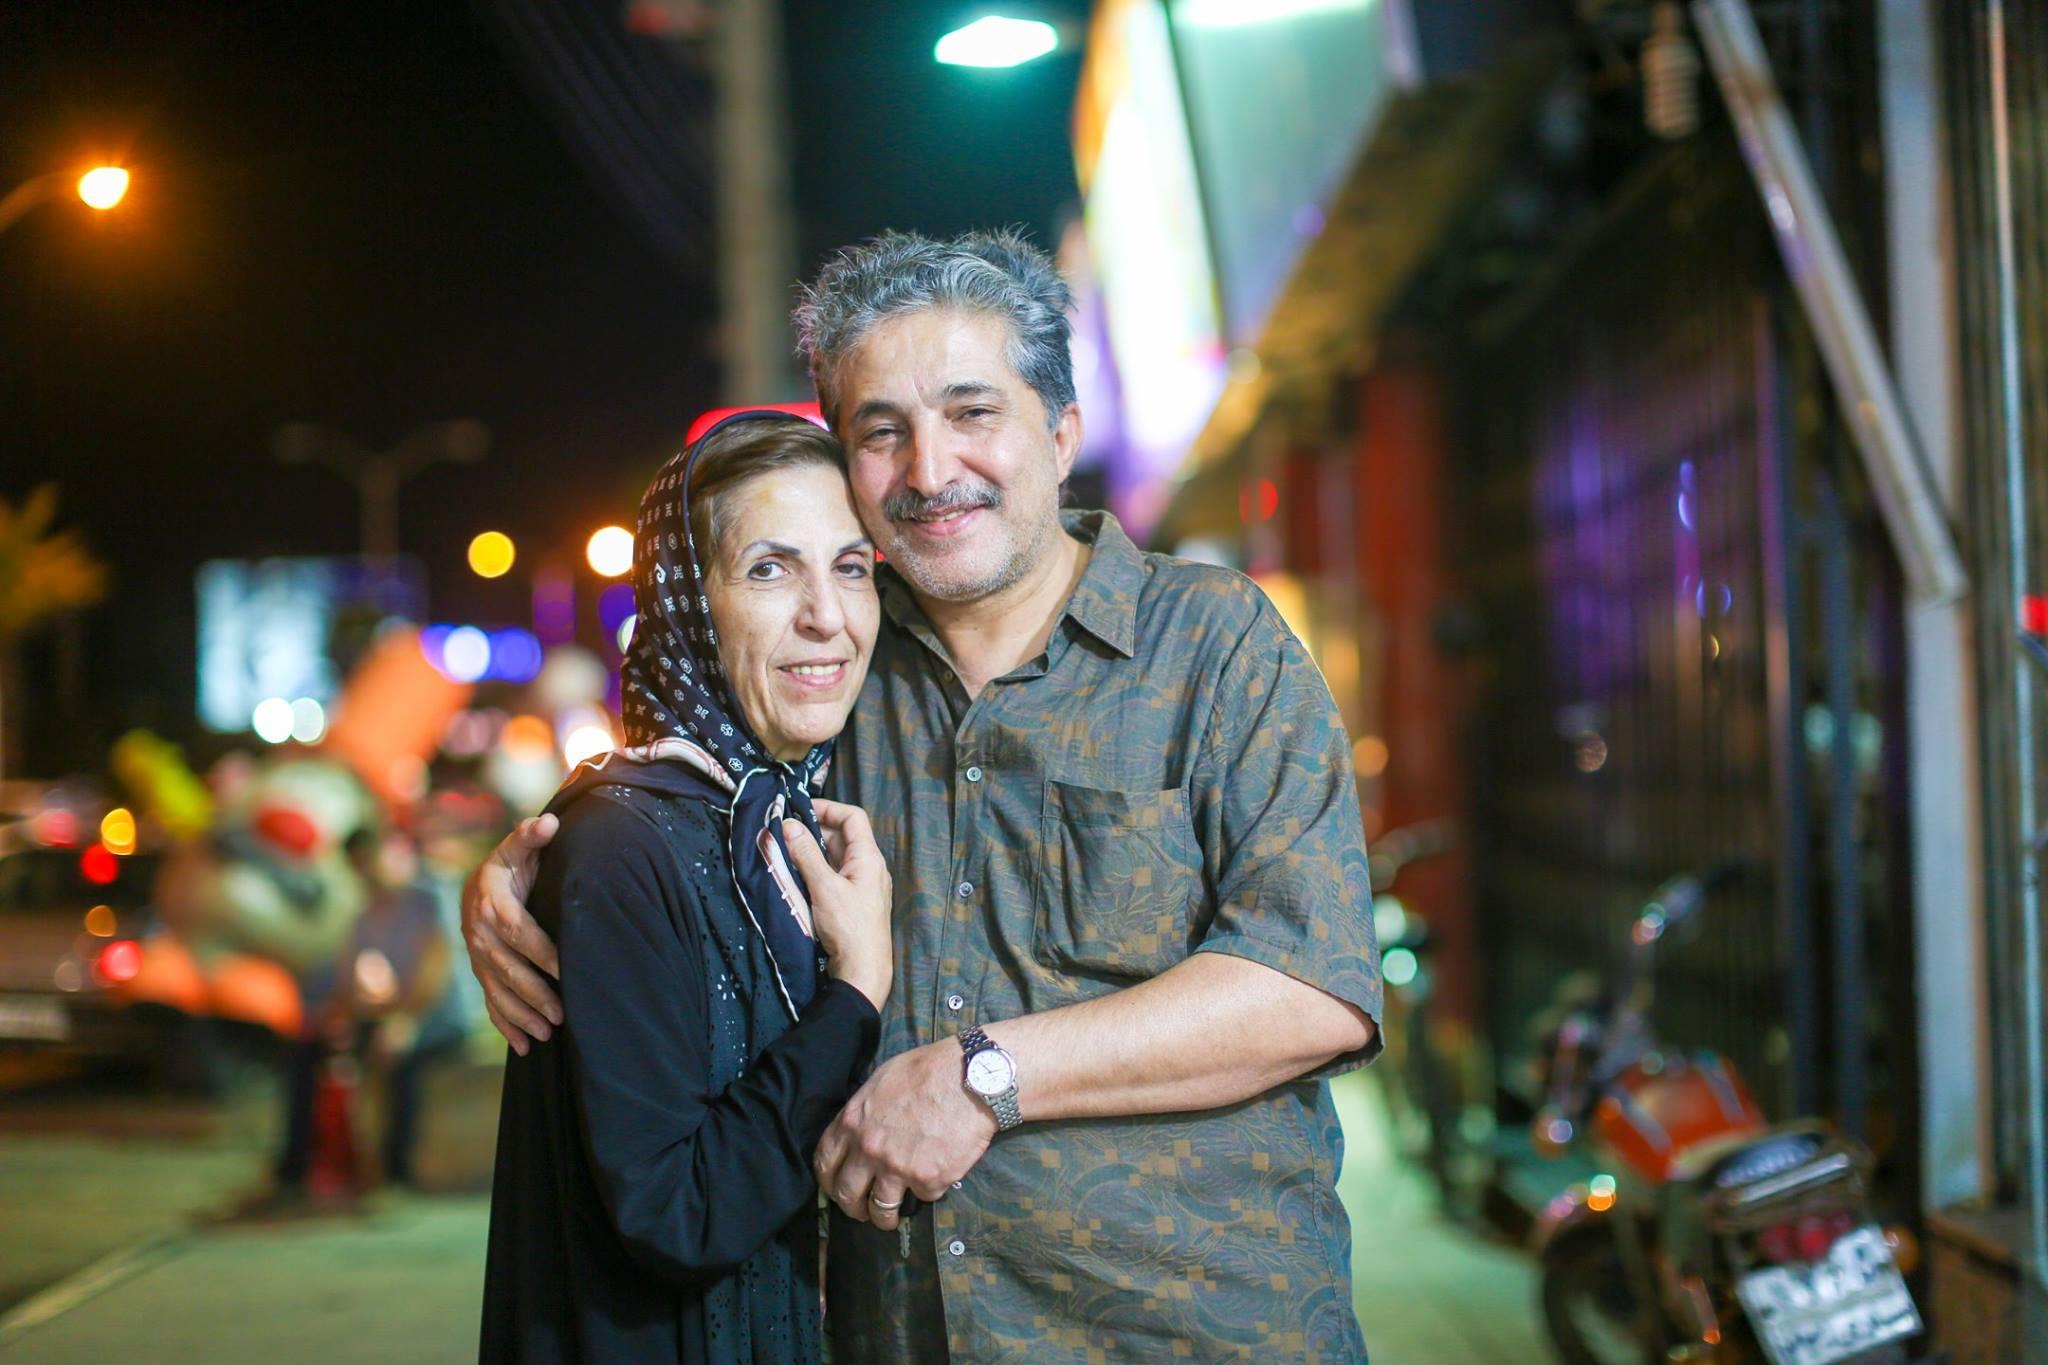 یک روایت متفاوت از ایران از دریچه دوربین عکاس مشهور امریکایی